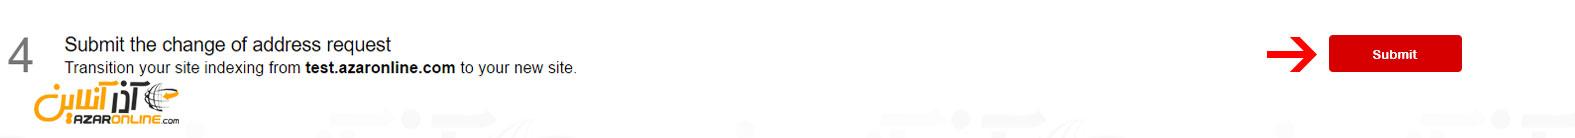 ریدایرکت دامنه بدون تغییر در رتبه گوگل - تایید تغییر دامنه